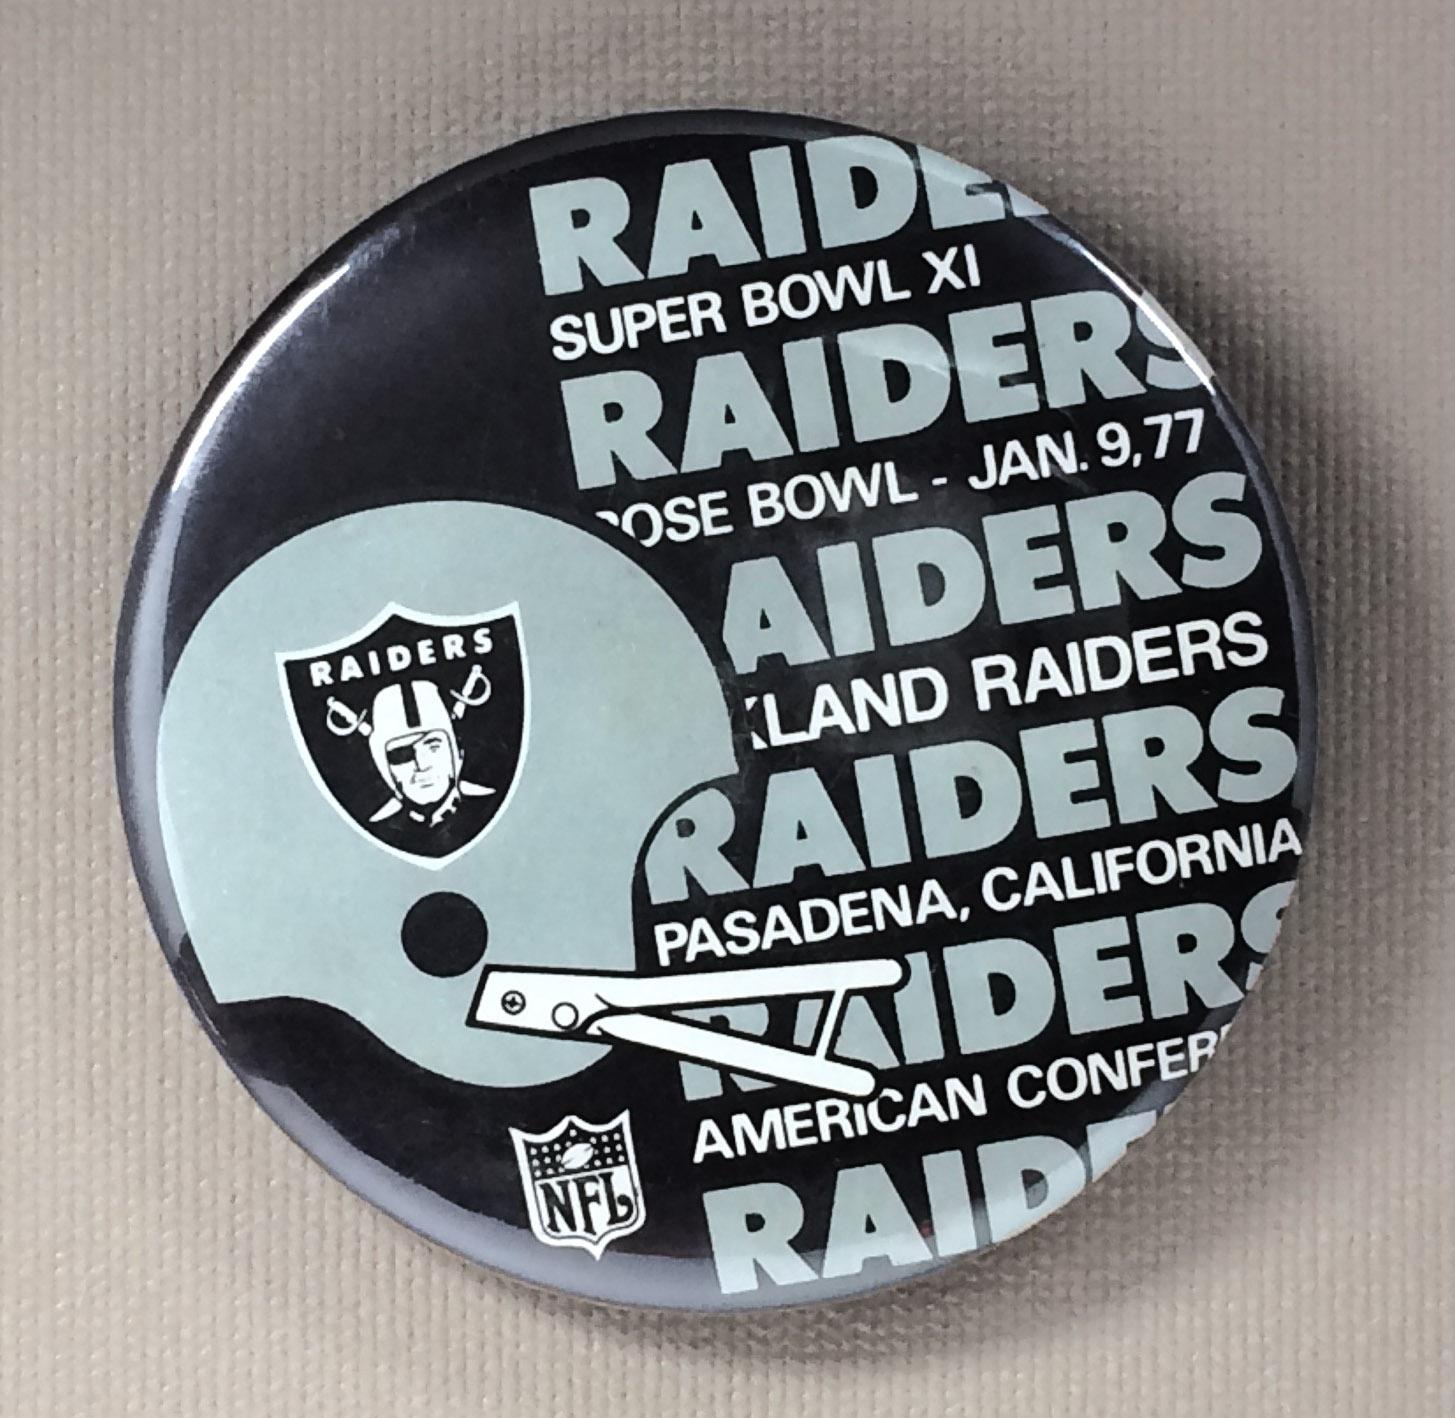 Oakland Raiders Super Bowl XI Button